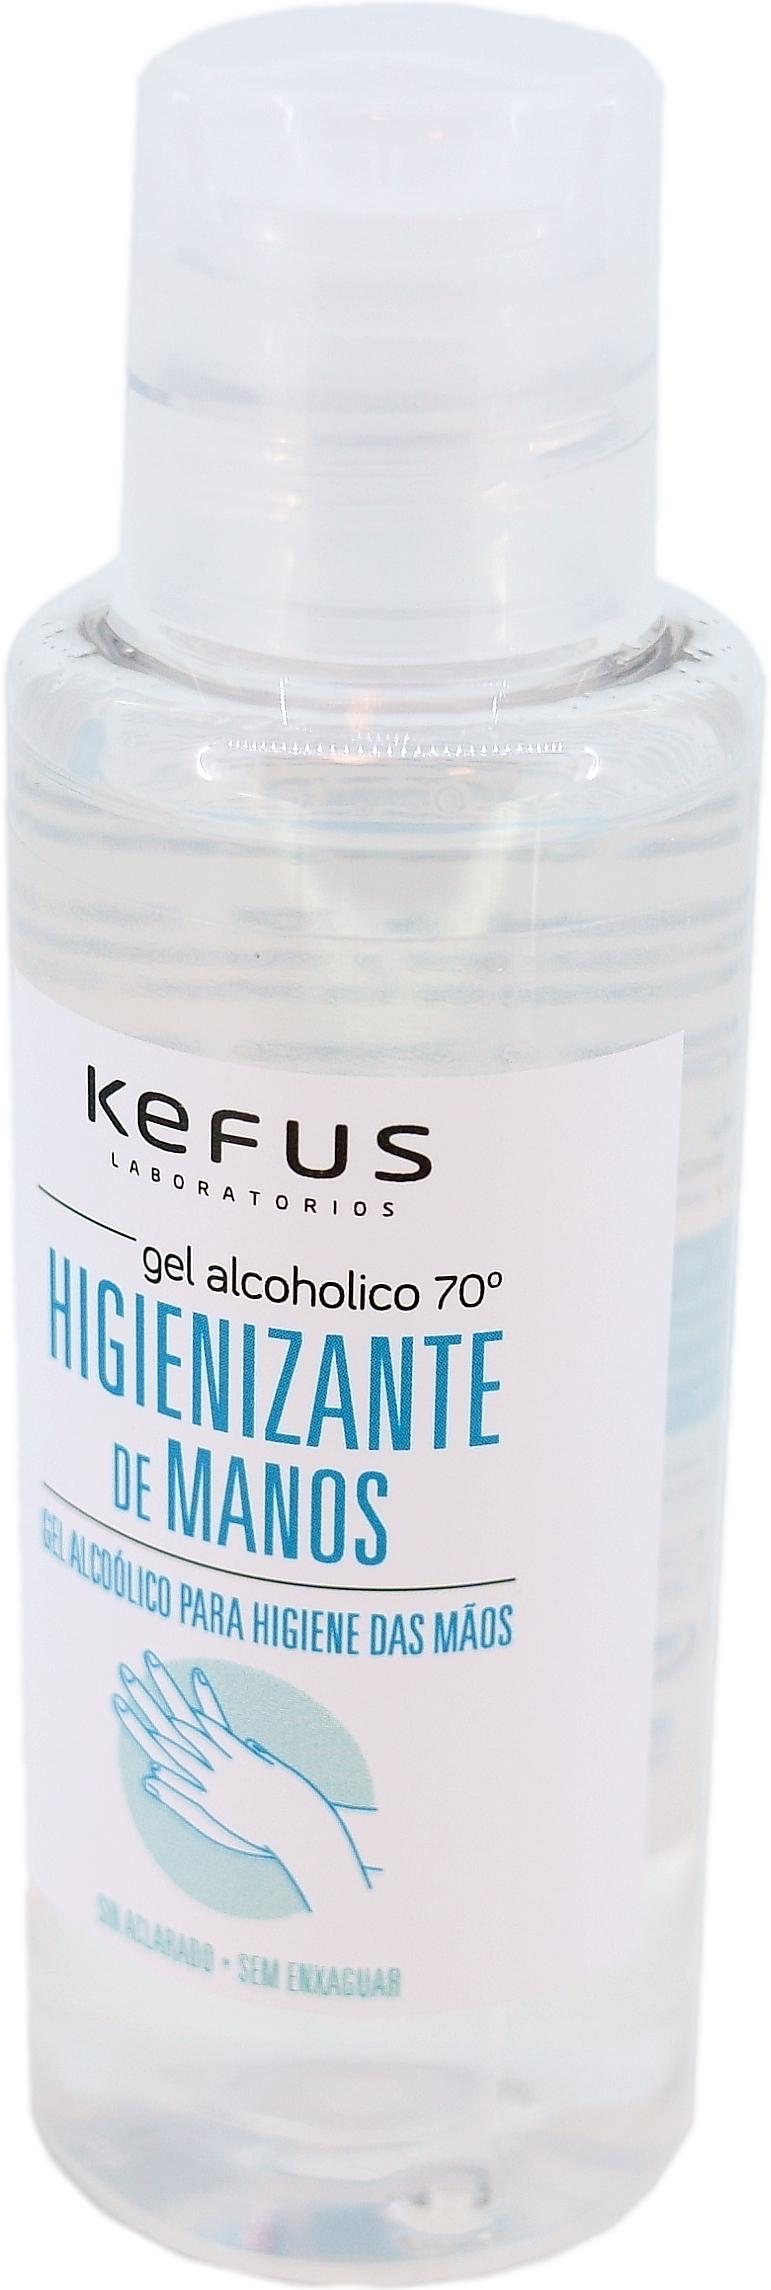 HIGIENIZANTE DE MANOS KEFUS 100ml